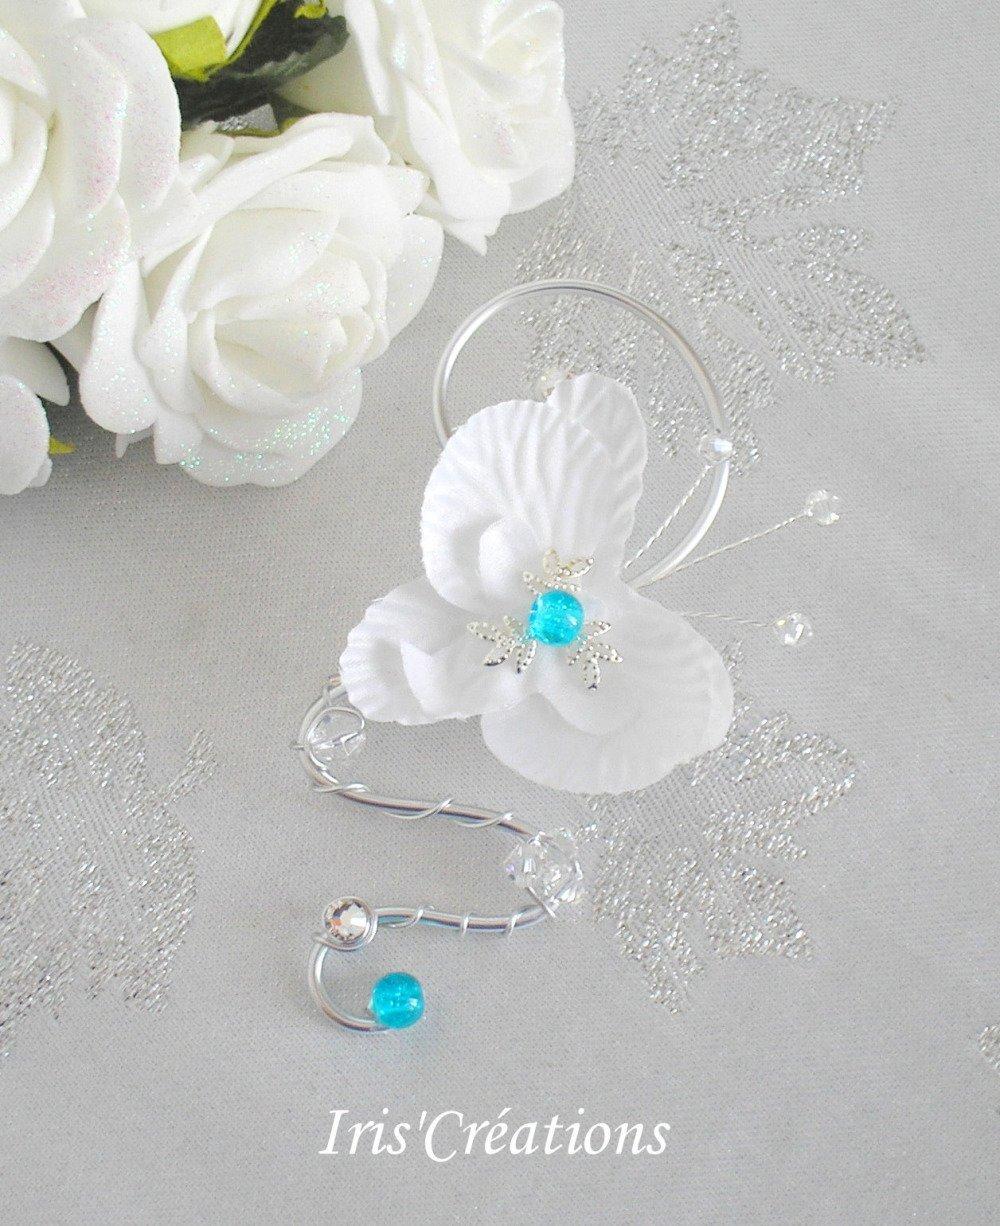 Boutonnière Homme ref Baccarat orchidée perles en verre craquelées turquoise  toupies cristal et strass de swarovski